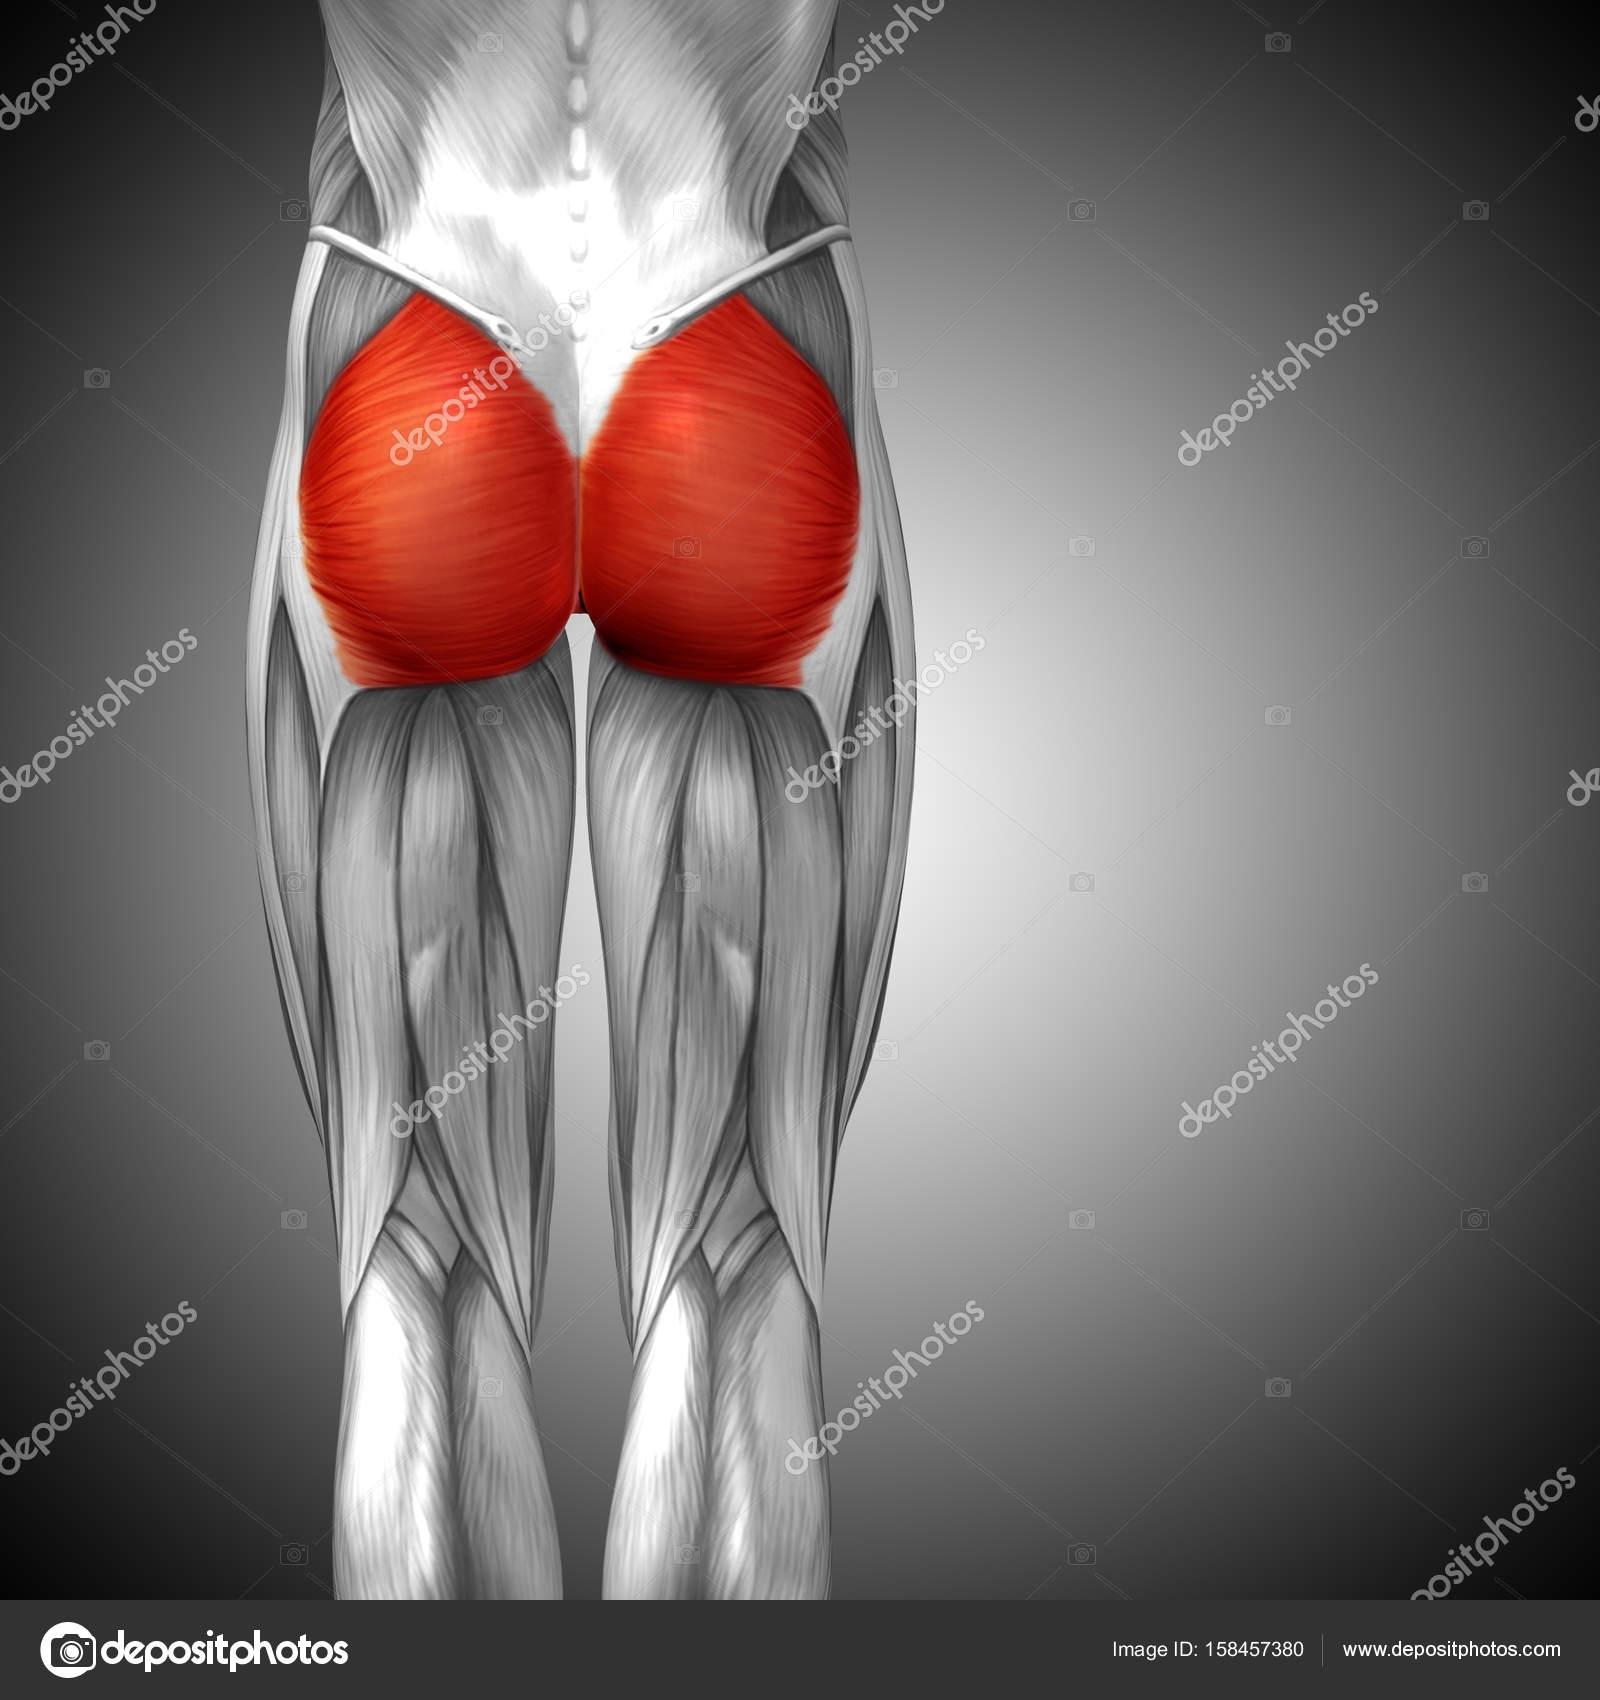 anatomía humana de la pierna superior de ilustración — Foto de stock ...